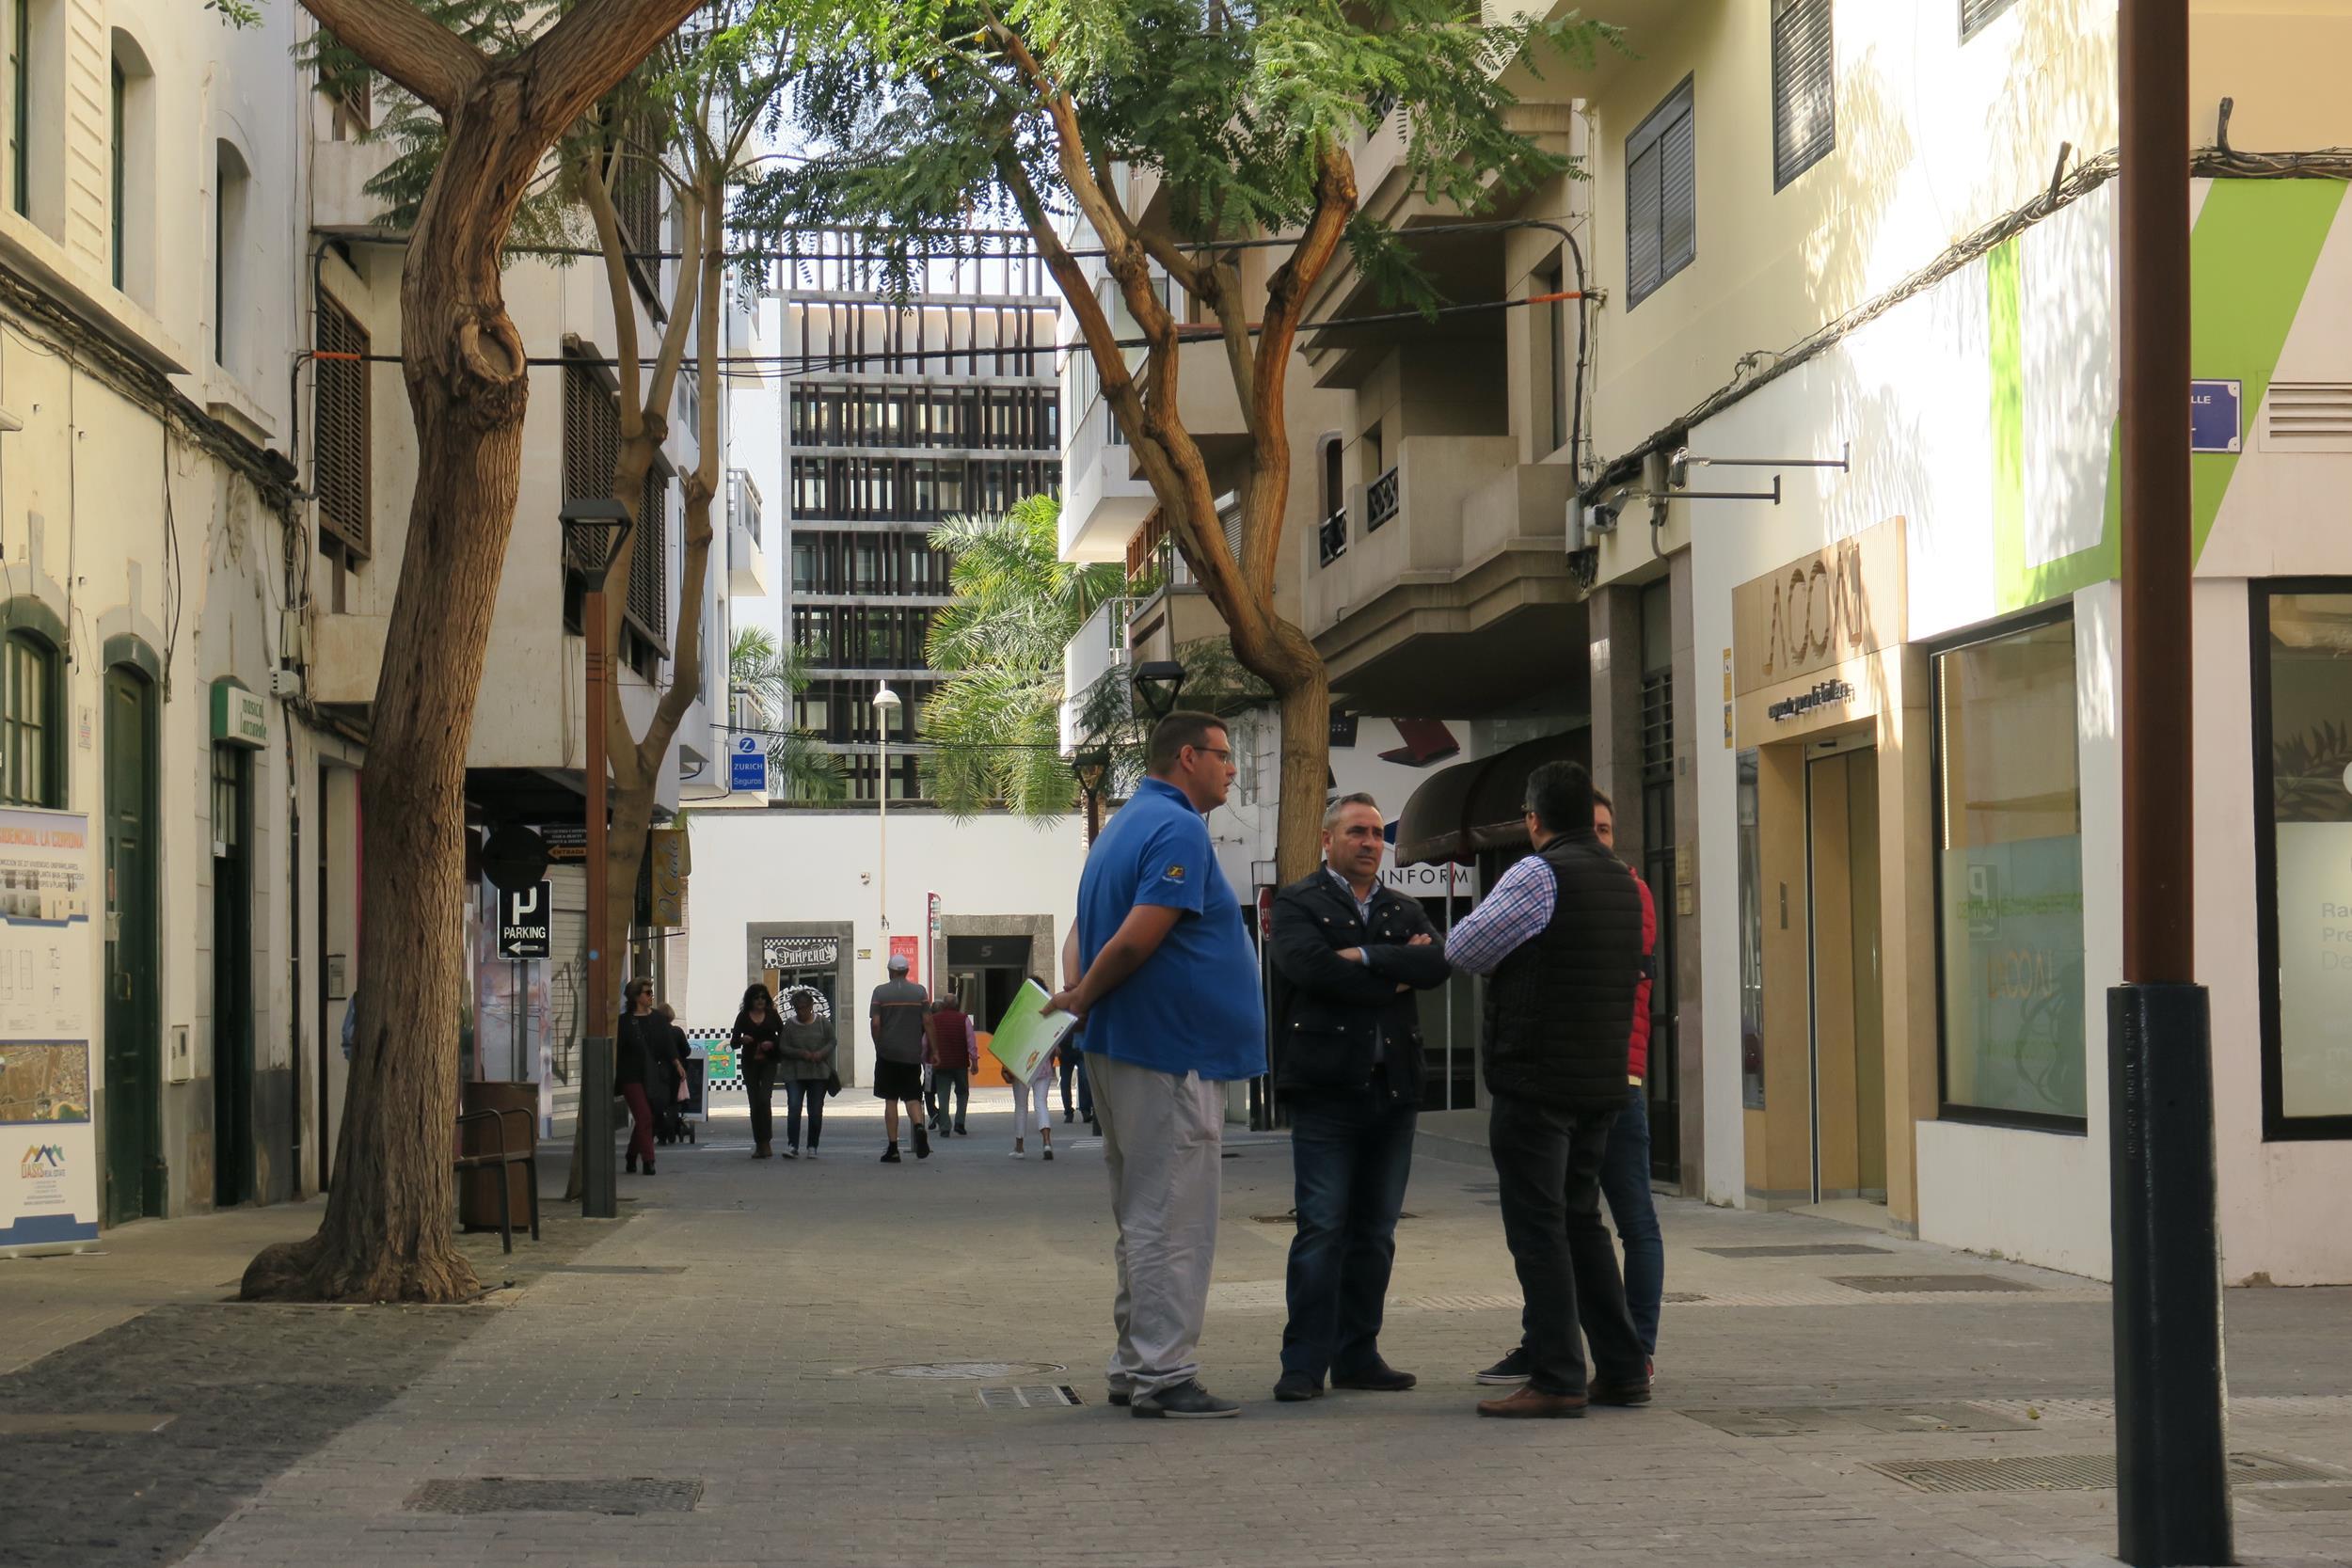 El Cabildo de Lanzarote concluye la renovación y el embellecimiento de la calle Antonio Porlier y Sopranis en Arrecife